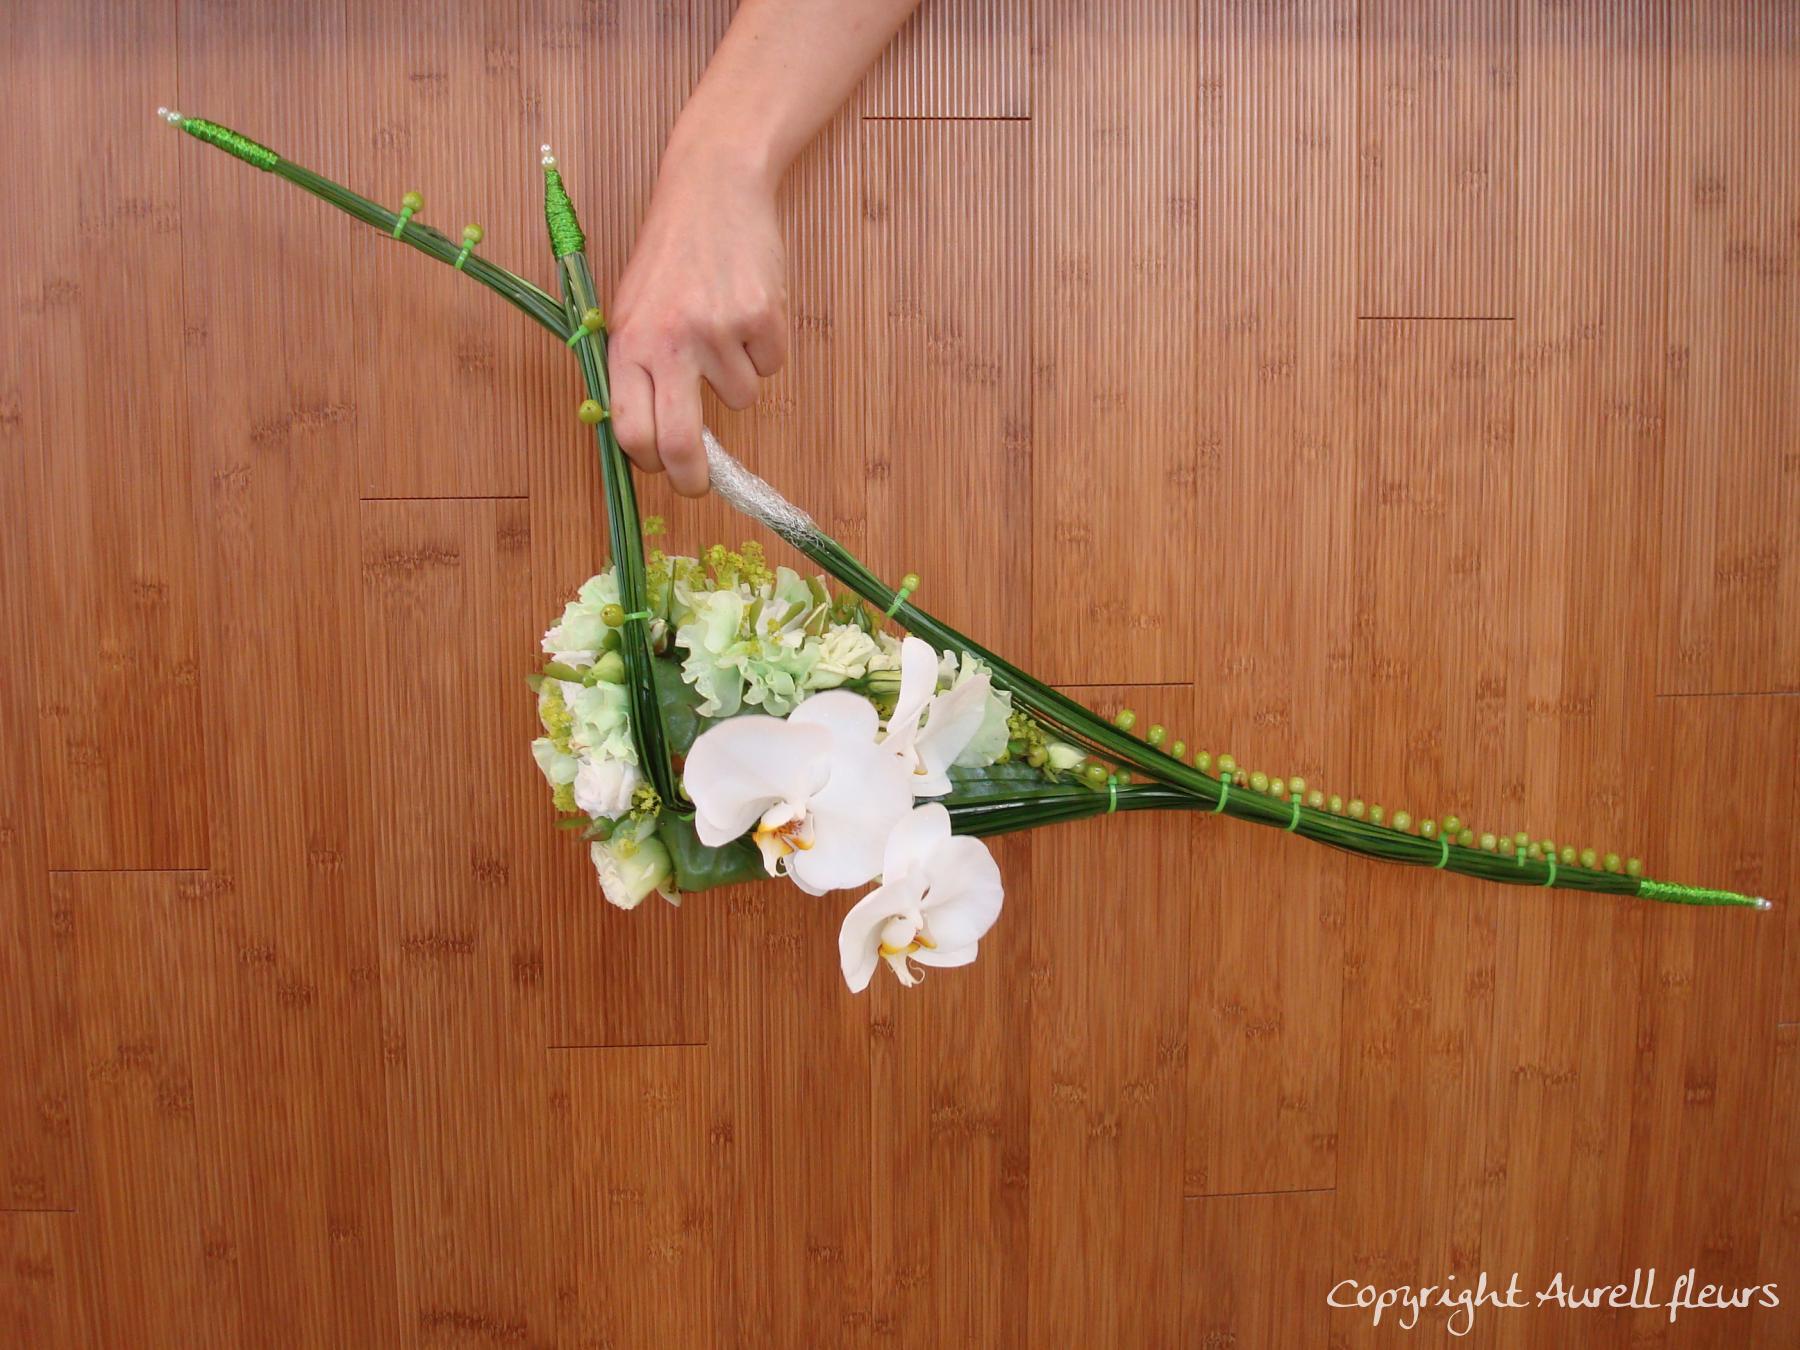 Fleuriste créatif (fleur 01 ) à Saint-Jean-de-Braye | Aurell fleurs